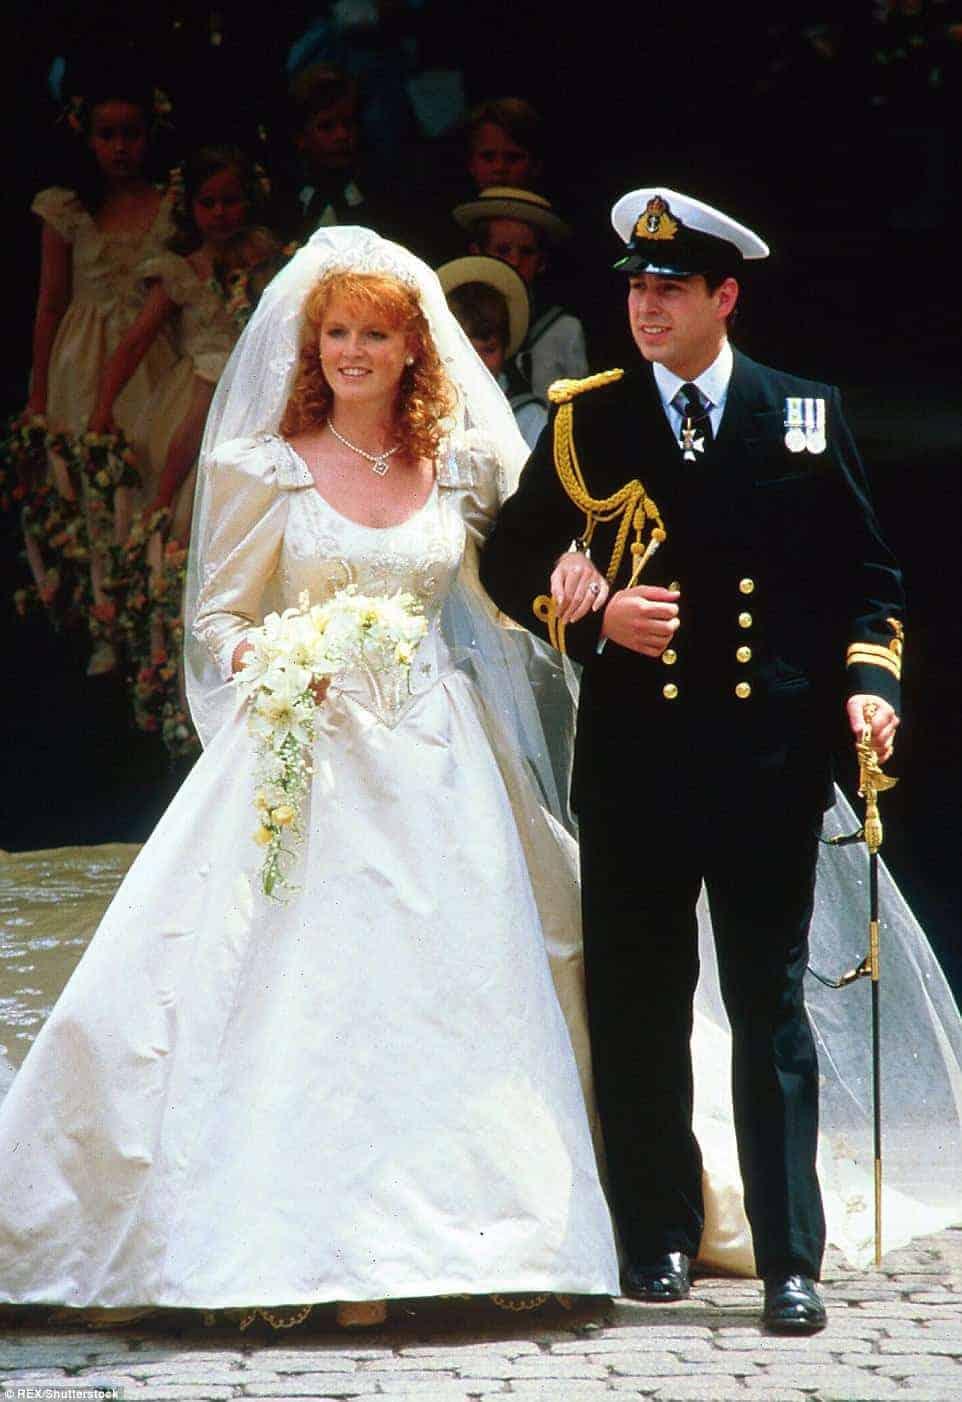 Essa foto foi tirada logo após o casamento do príncipe Andrew com Sarah Ferguson